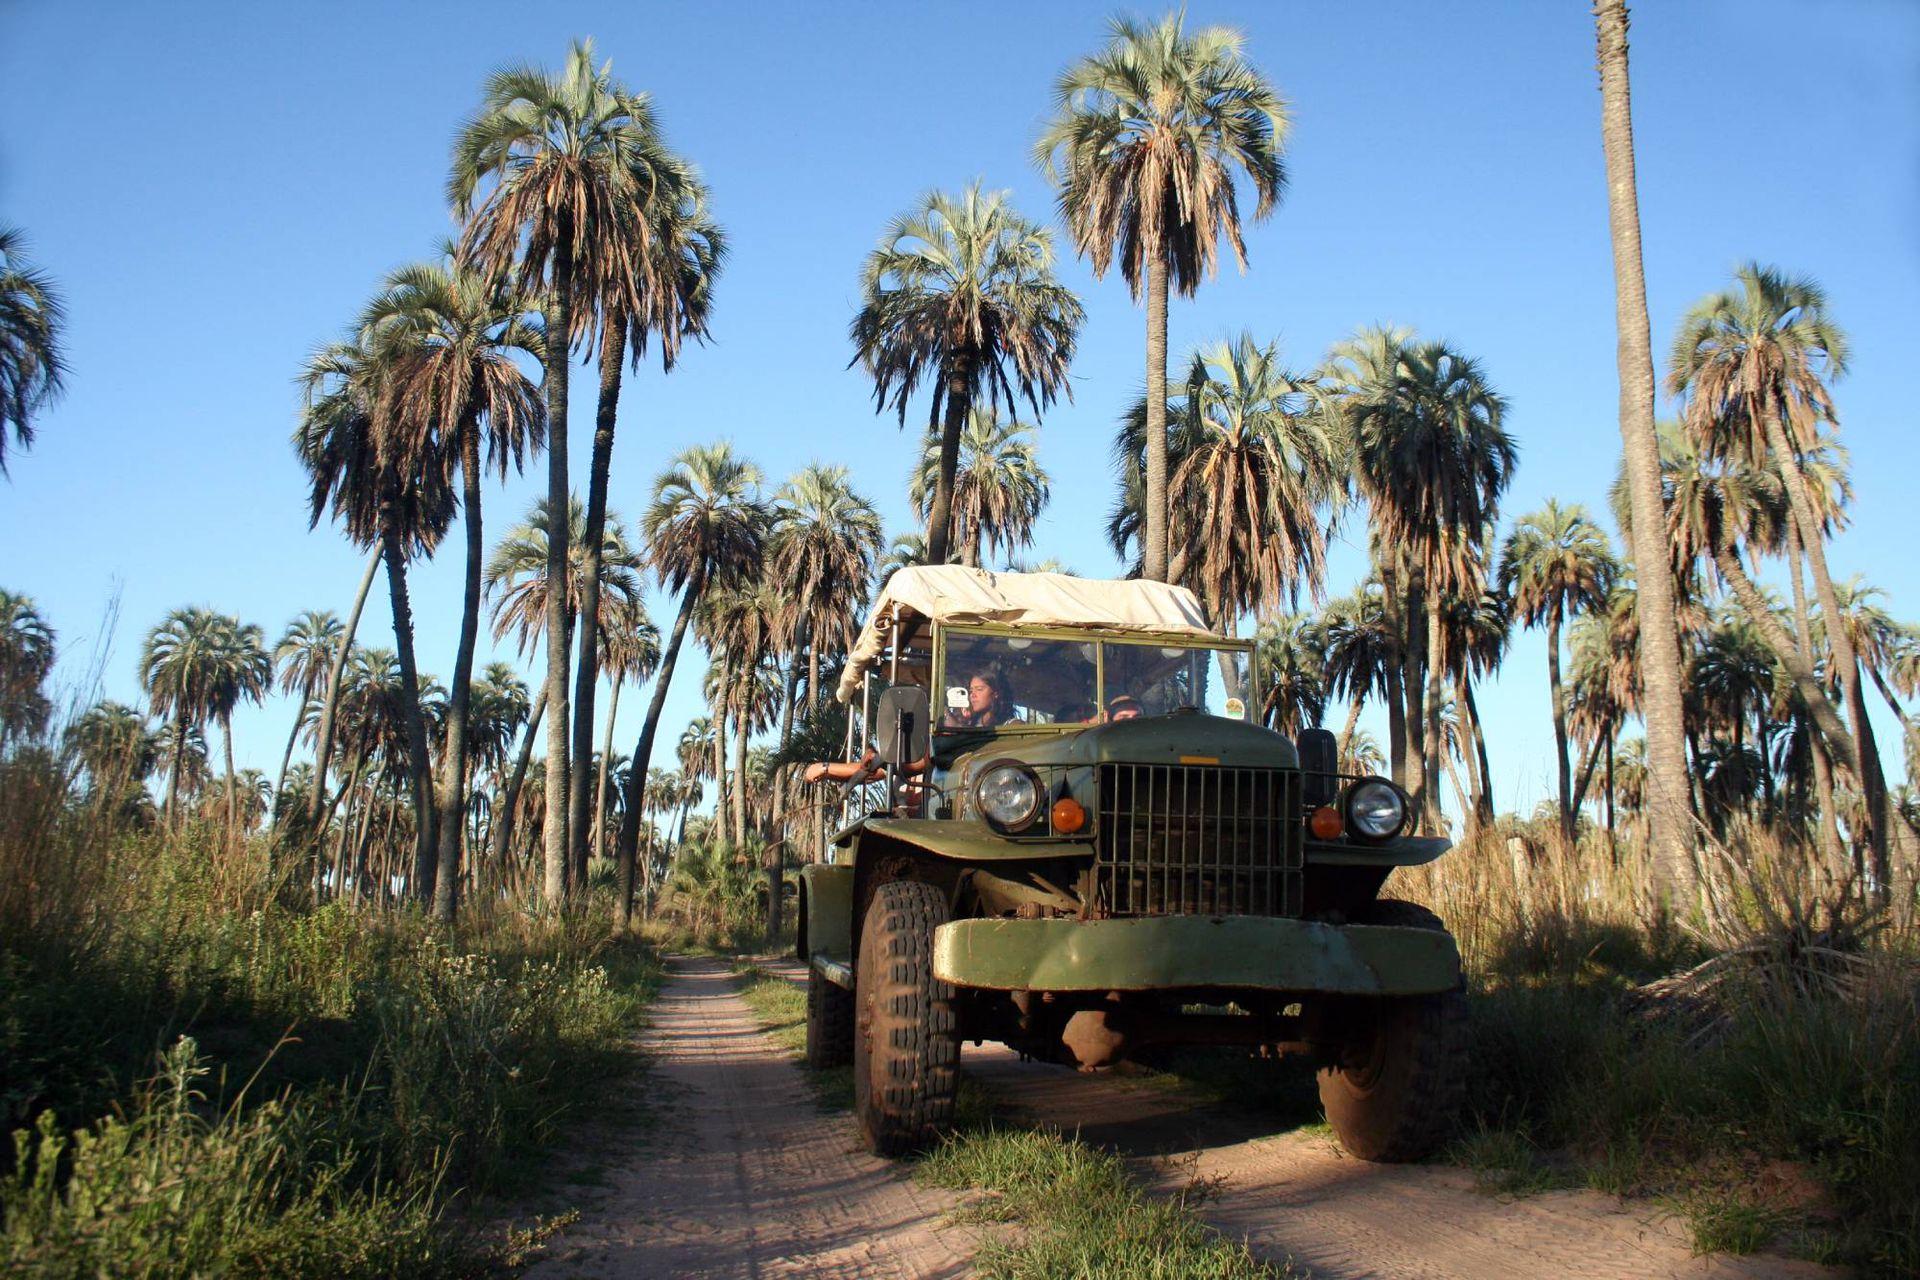 Excursión por la reserva de palmeras Yatay.